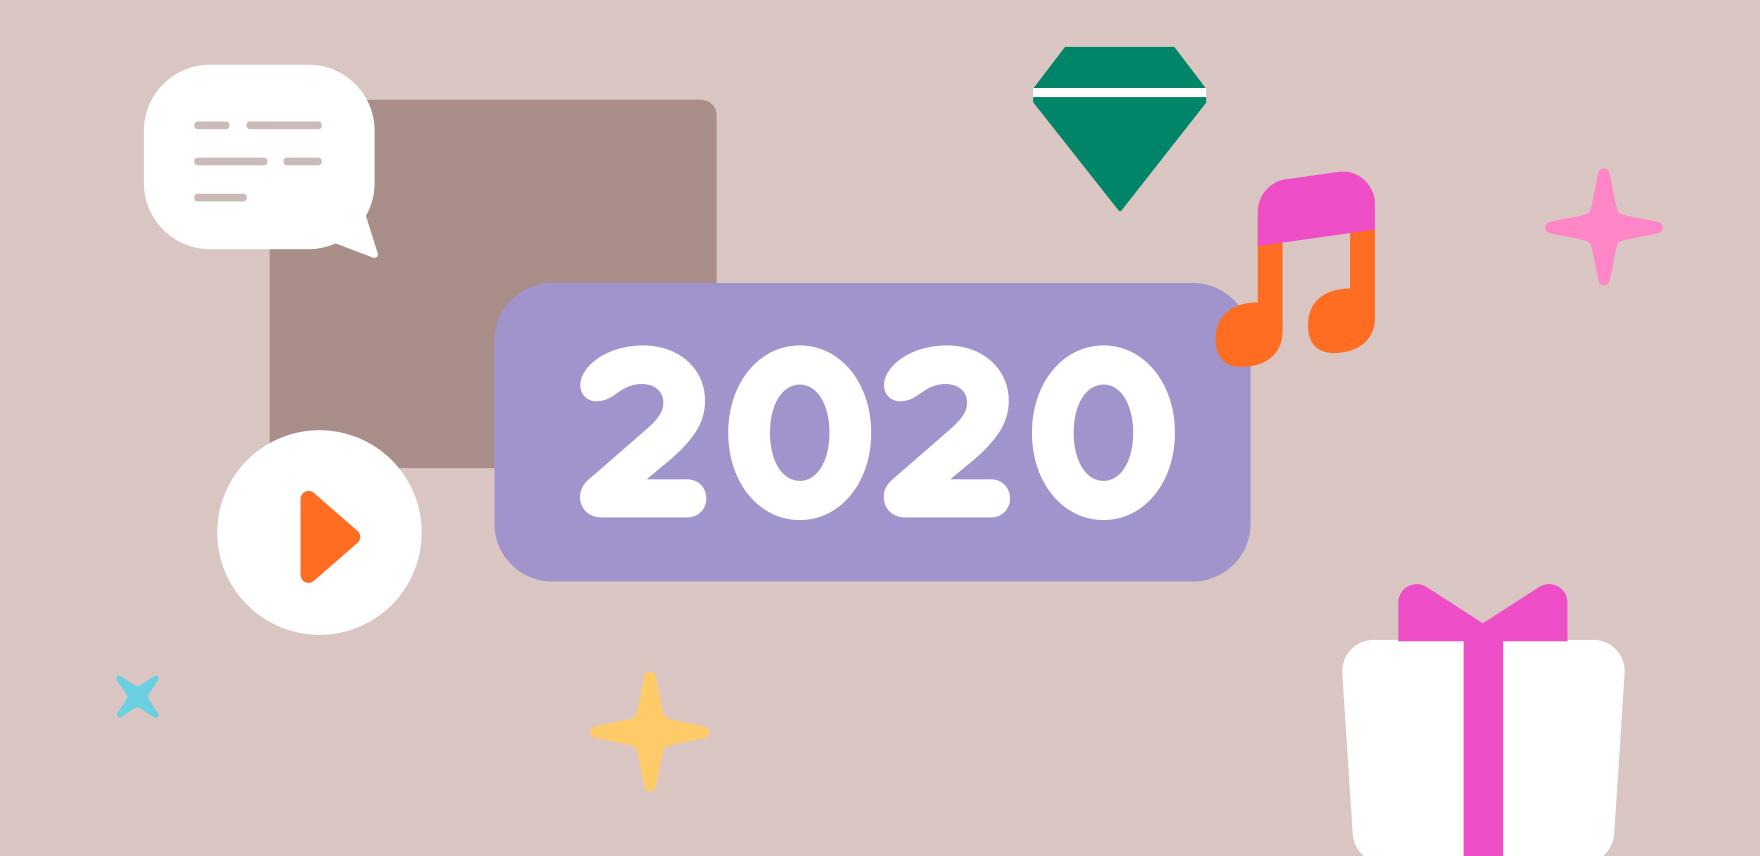 16 млн пользователей в «Моментах» и почти 1 млрд руб за мобильные игры: итоги 2020 года Одноклассников